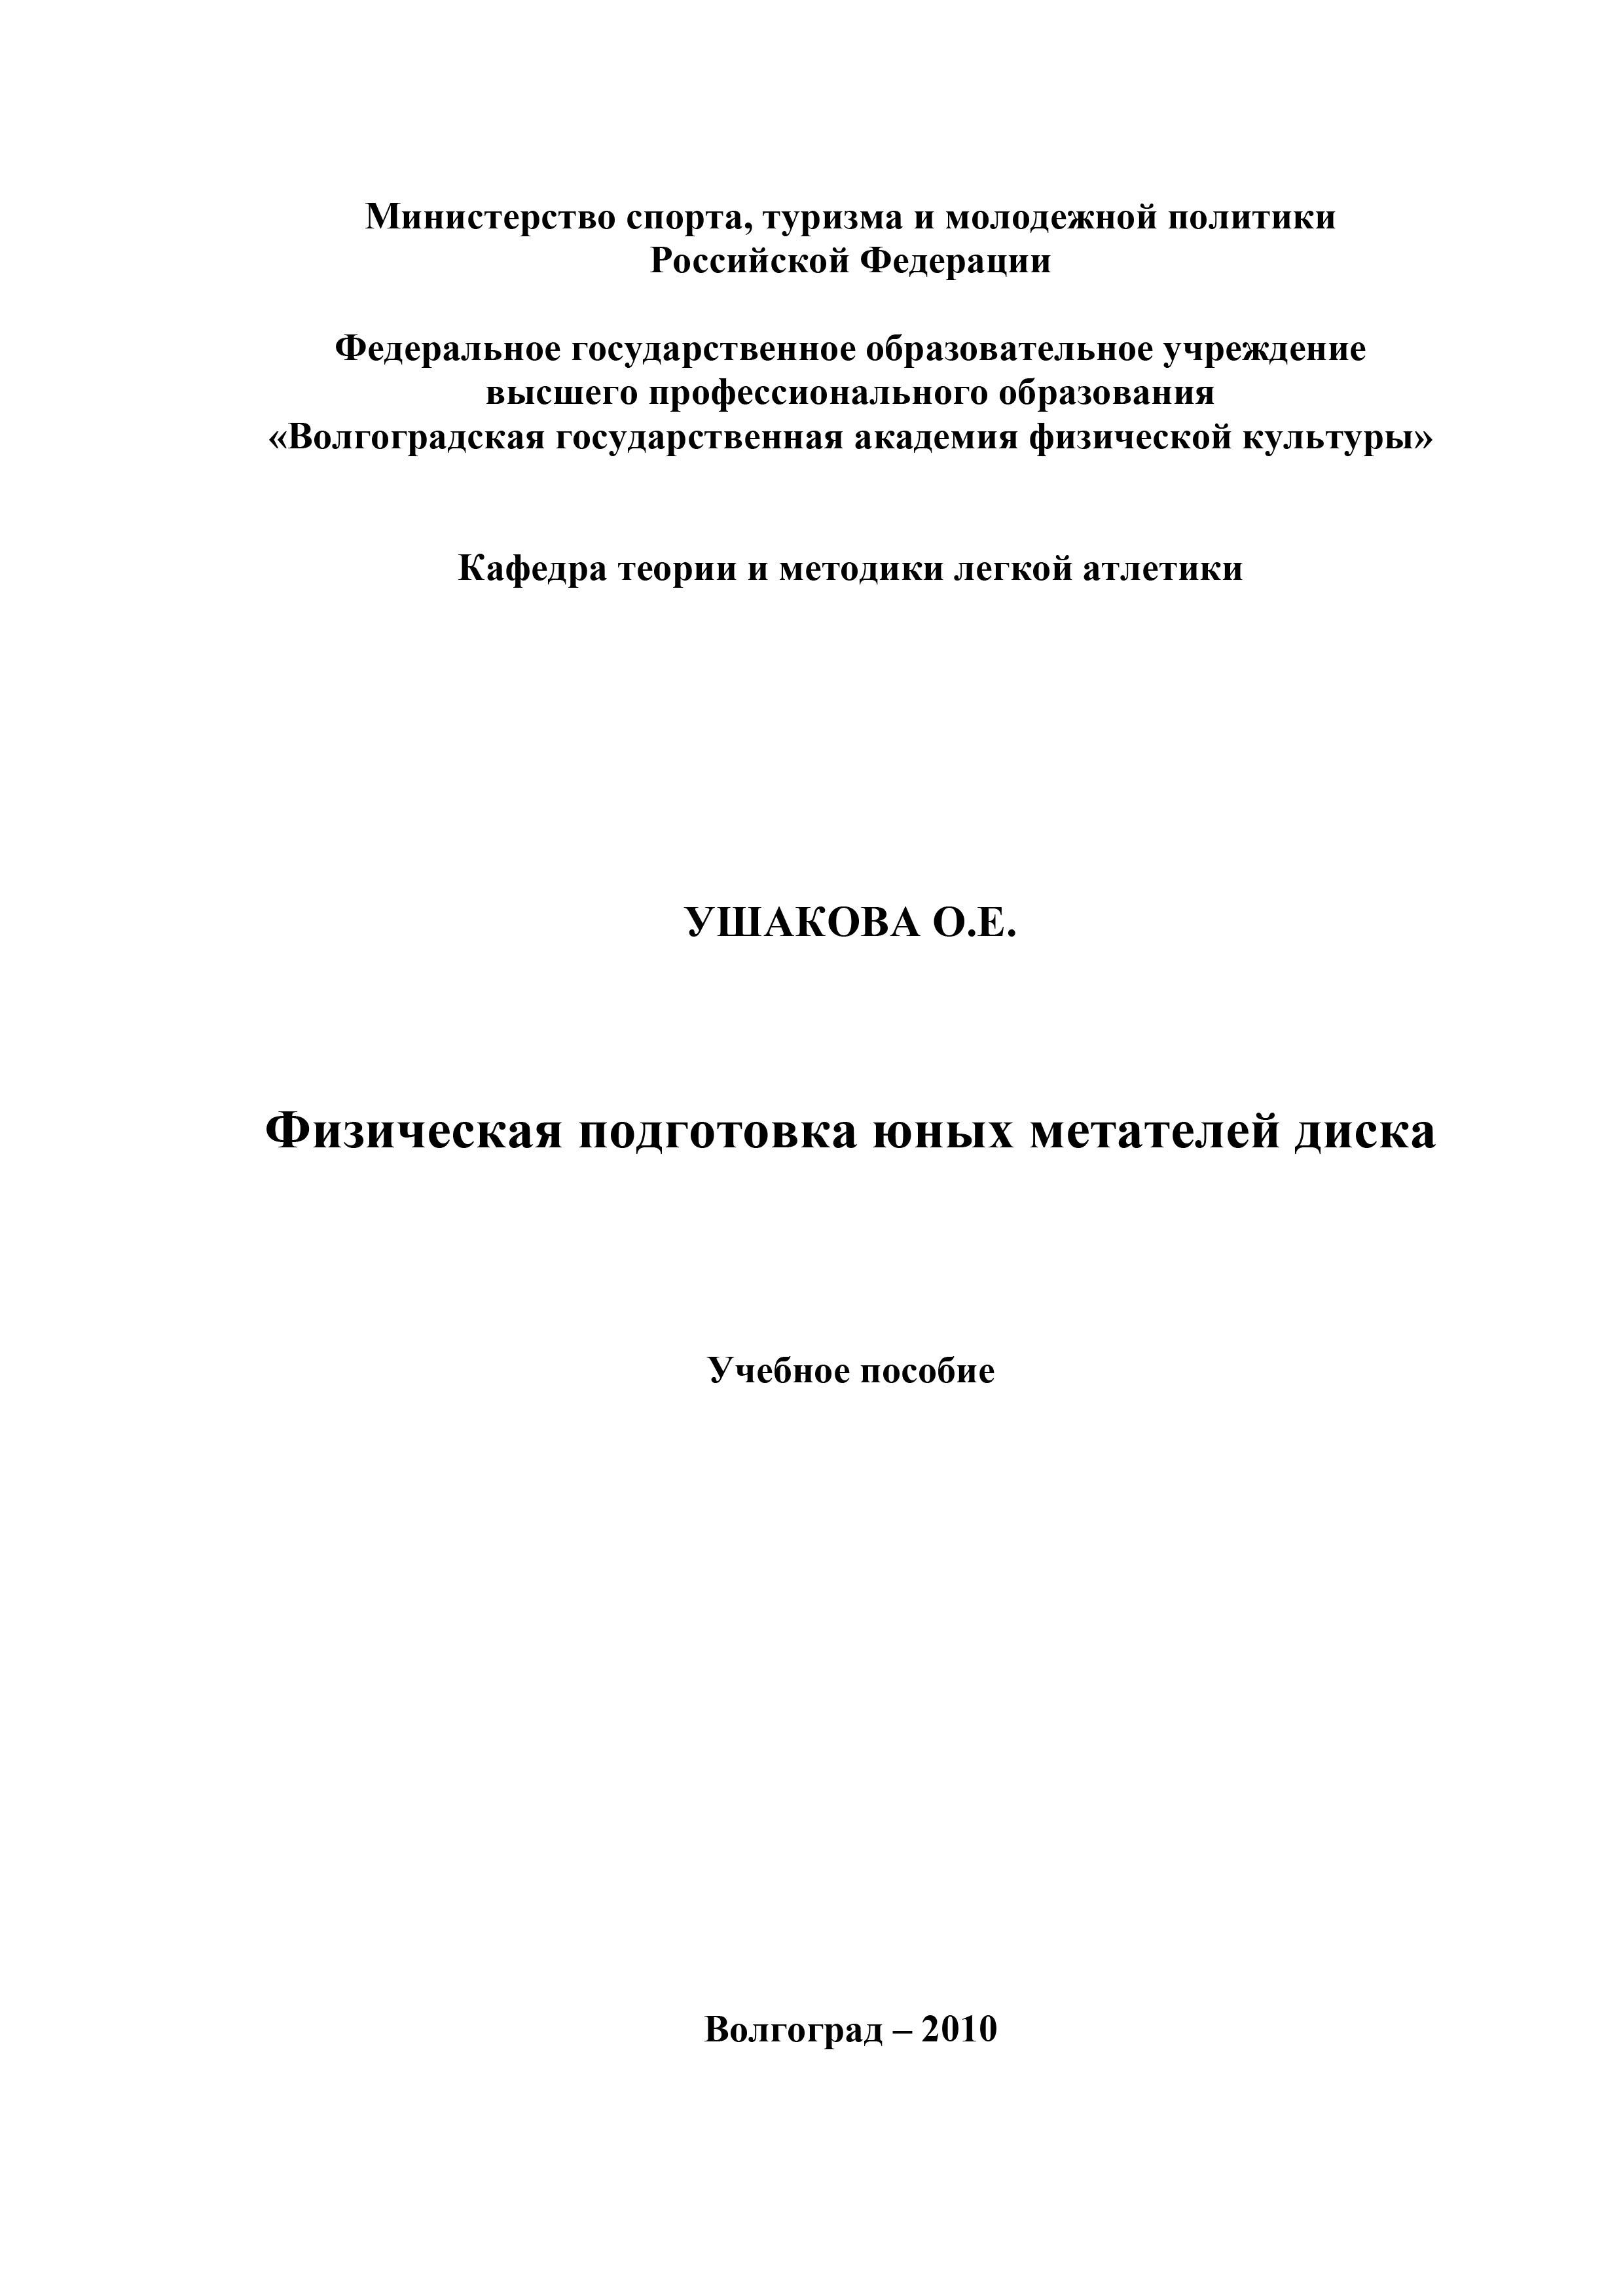 О. Е. Ушакова Физическая подготовка юных метателей диска цена